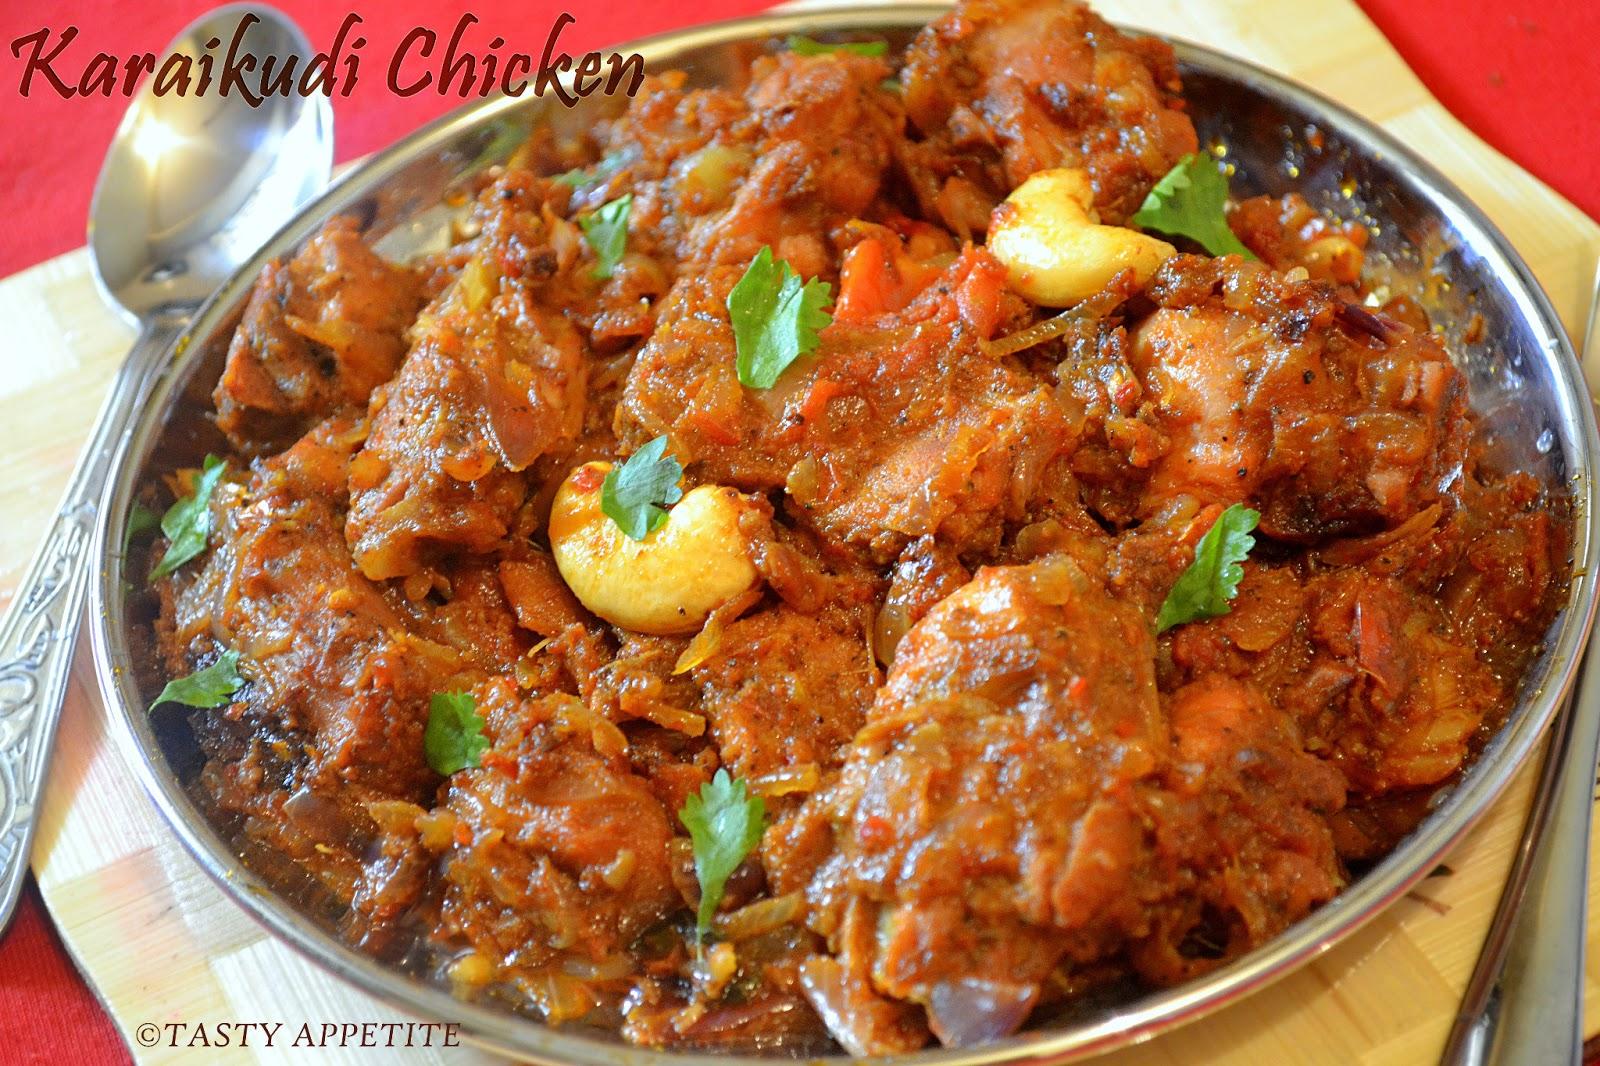 Karaikudi Food Recipes